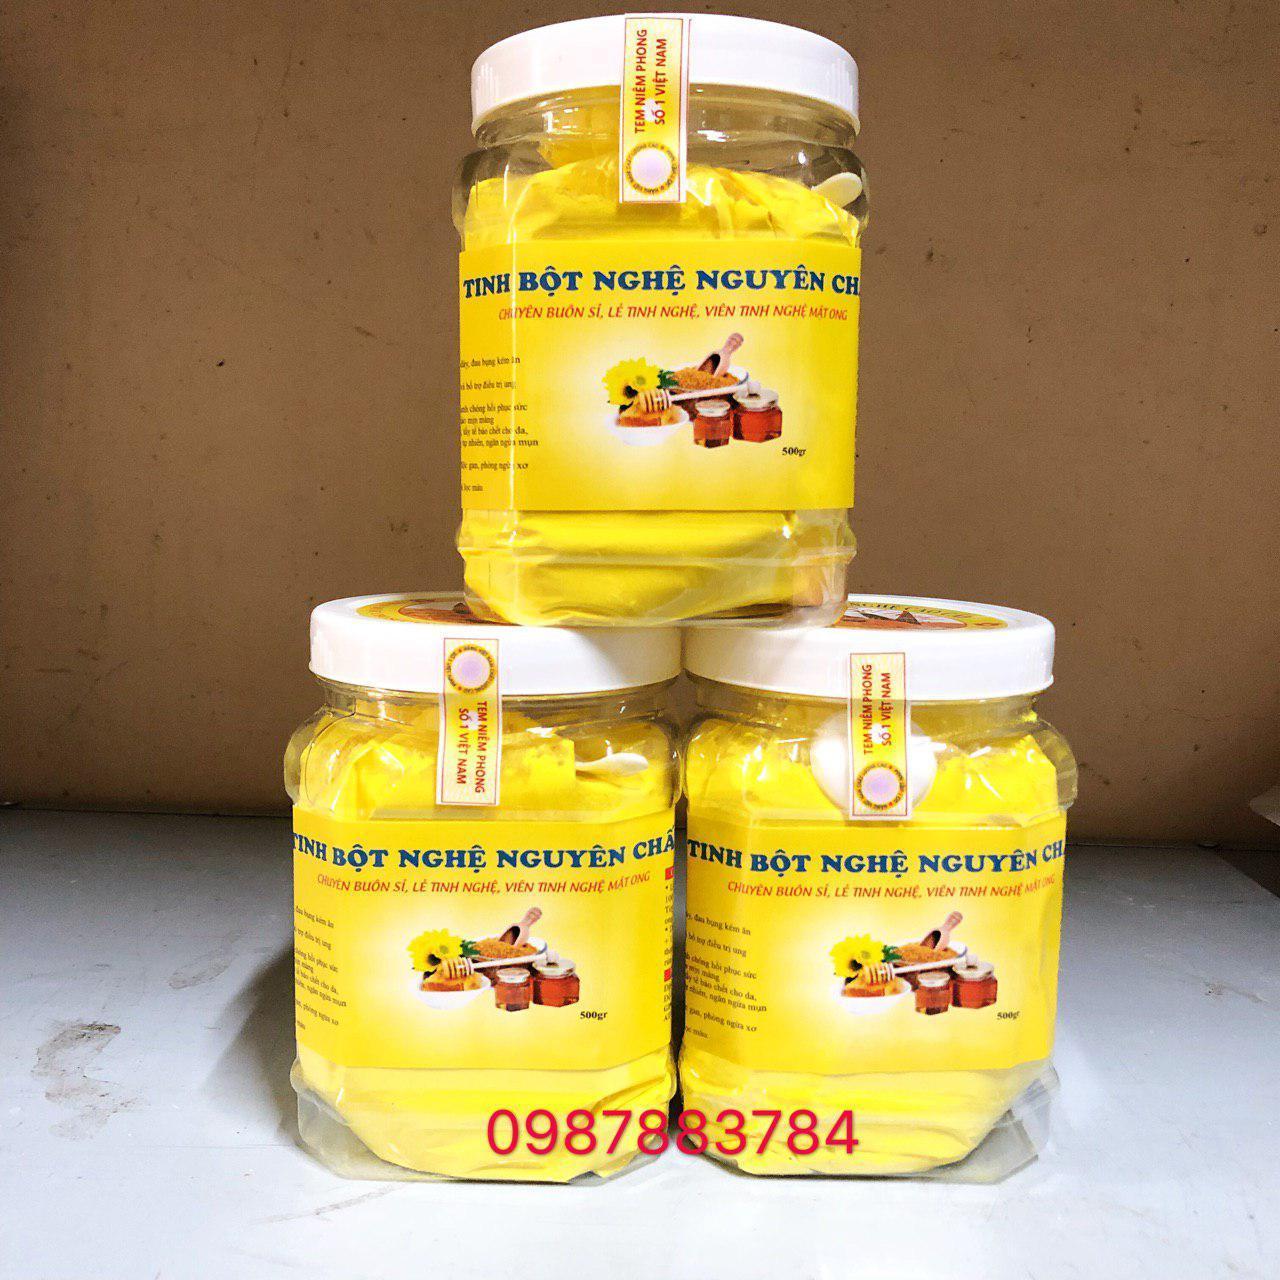 Giá Tiết Kiệm Để Sở Hữu Ngay 1.5kg Tinh Bột Nghệ Vàng Nguyên Chất